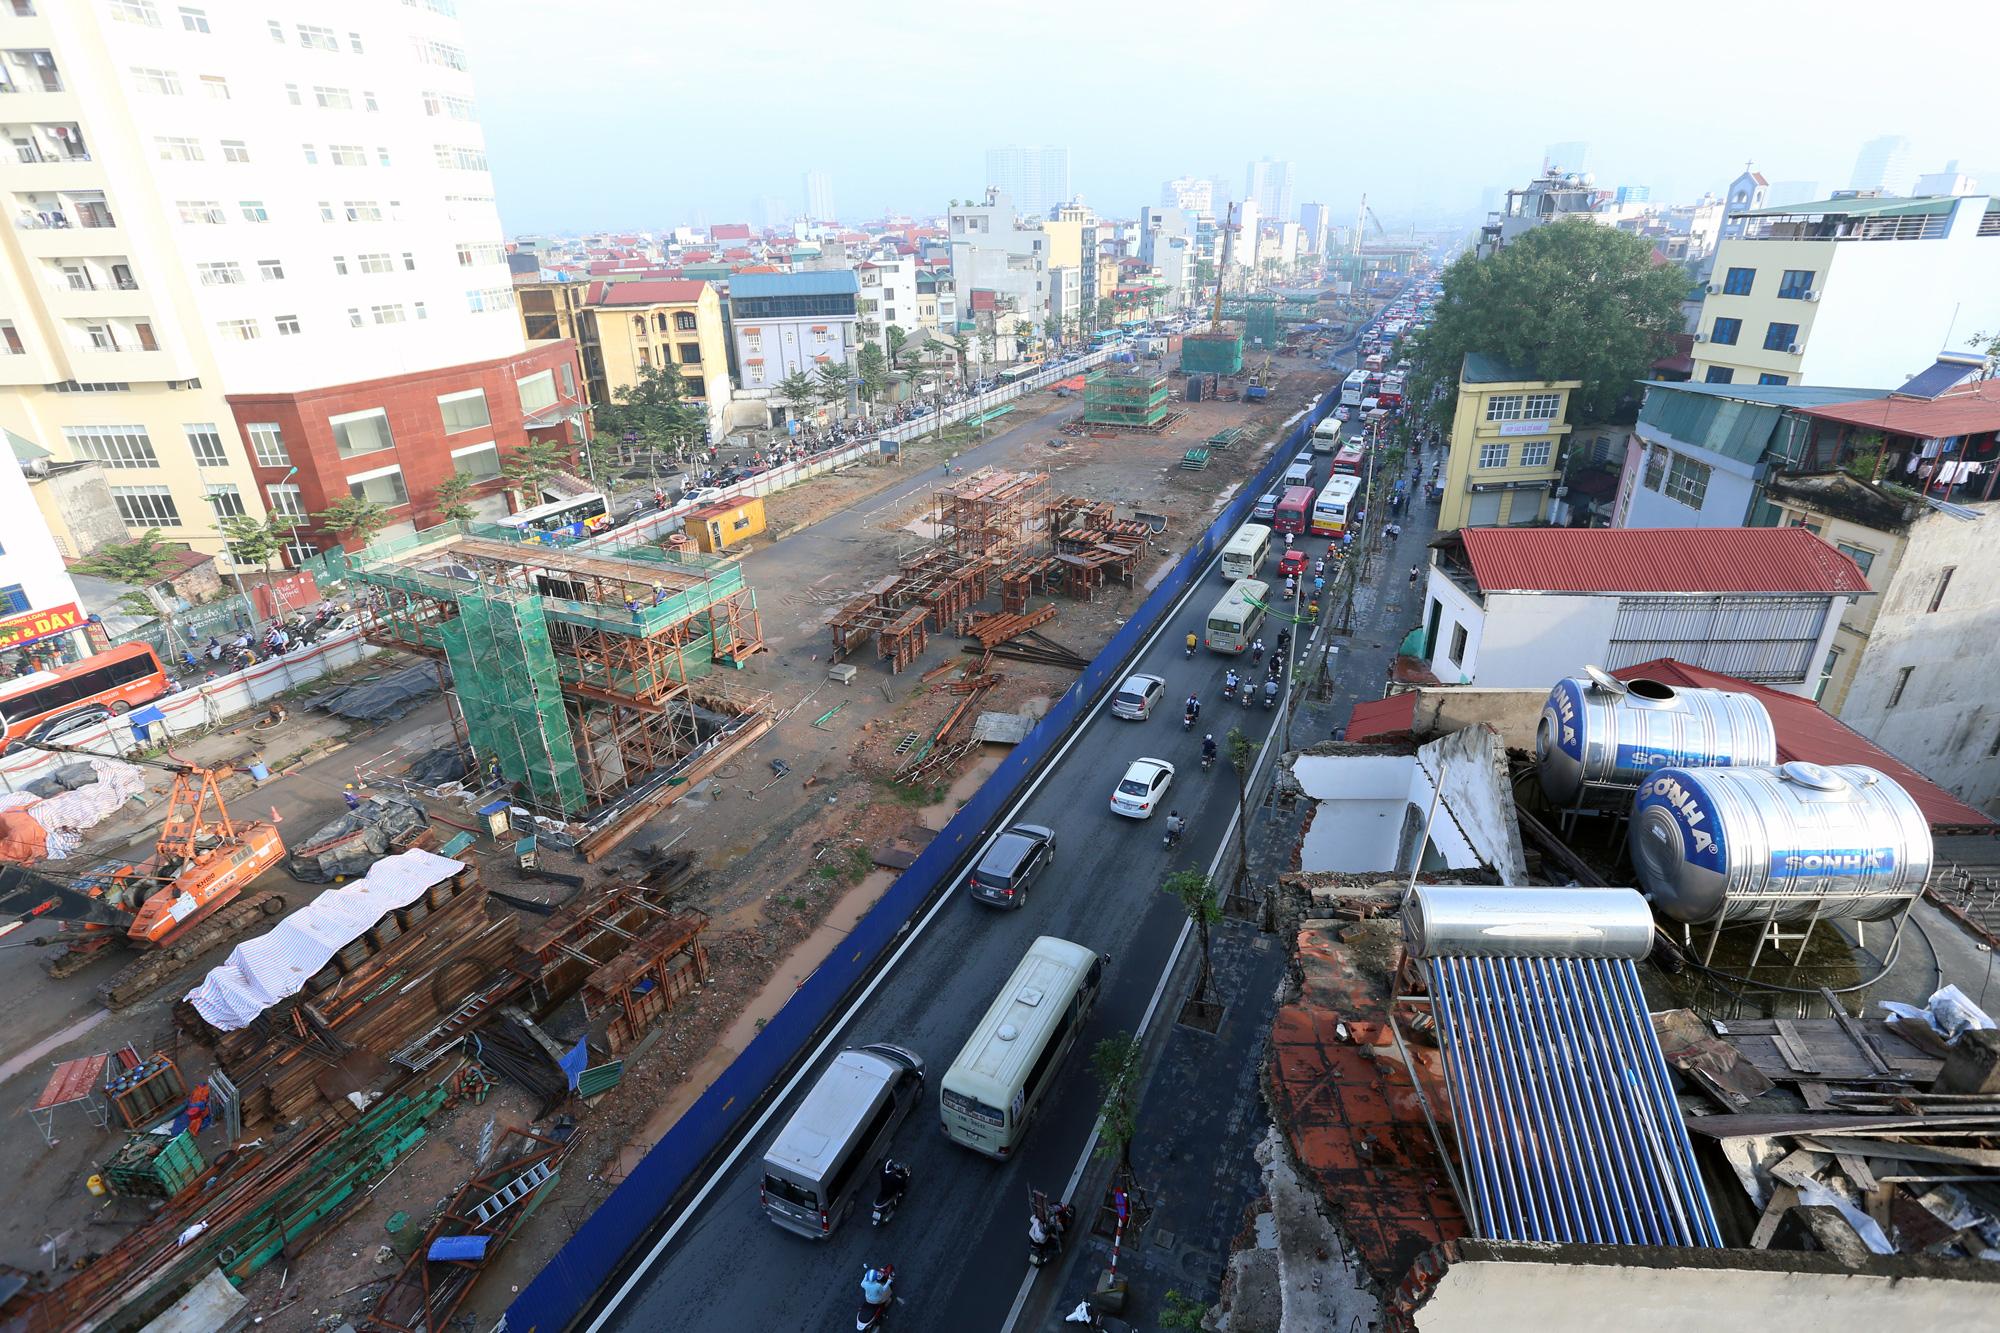 Tiếp tục rào chắn, phân luồng đường Phạm Văn Đồng 6 tháng để thi công cầu cạn - Ảnh 2.